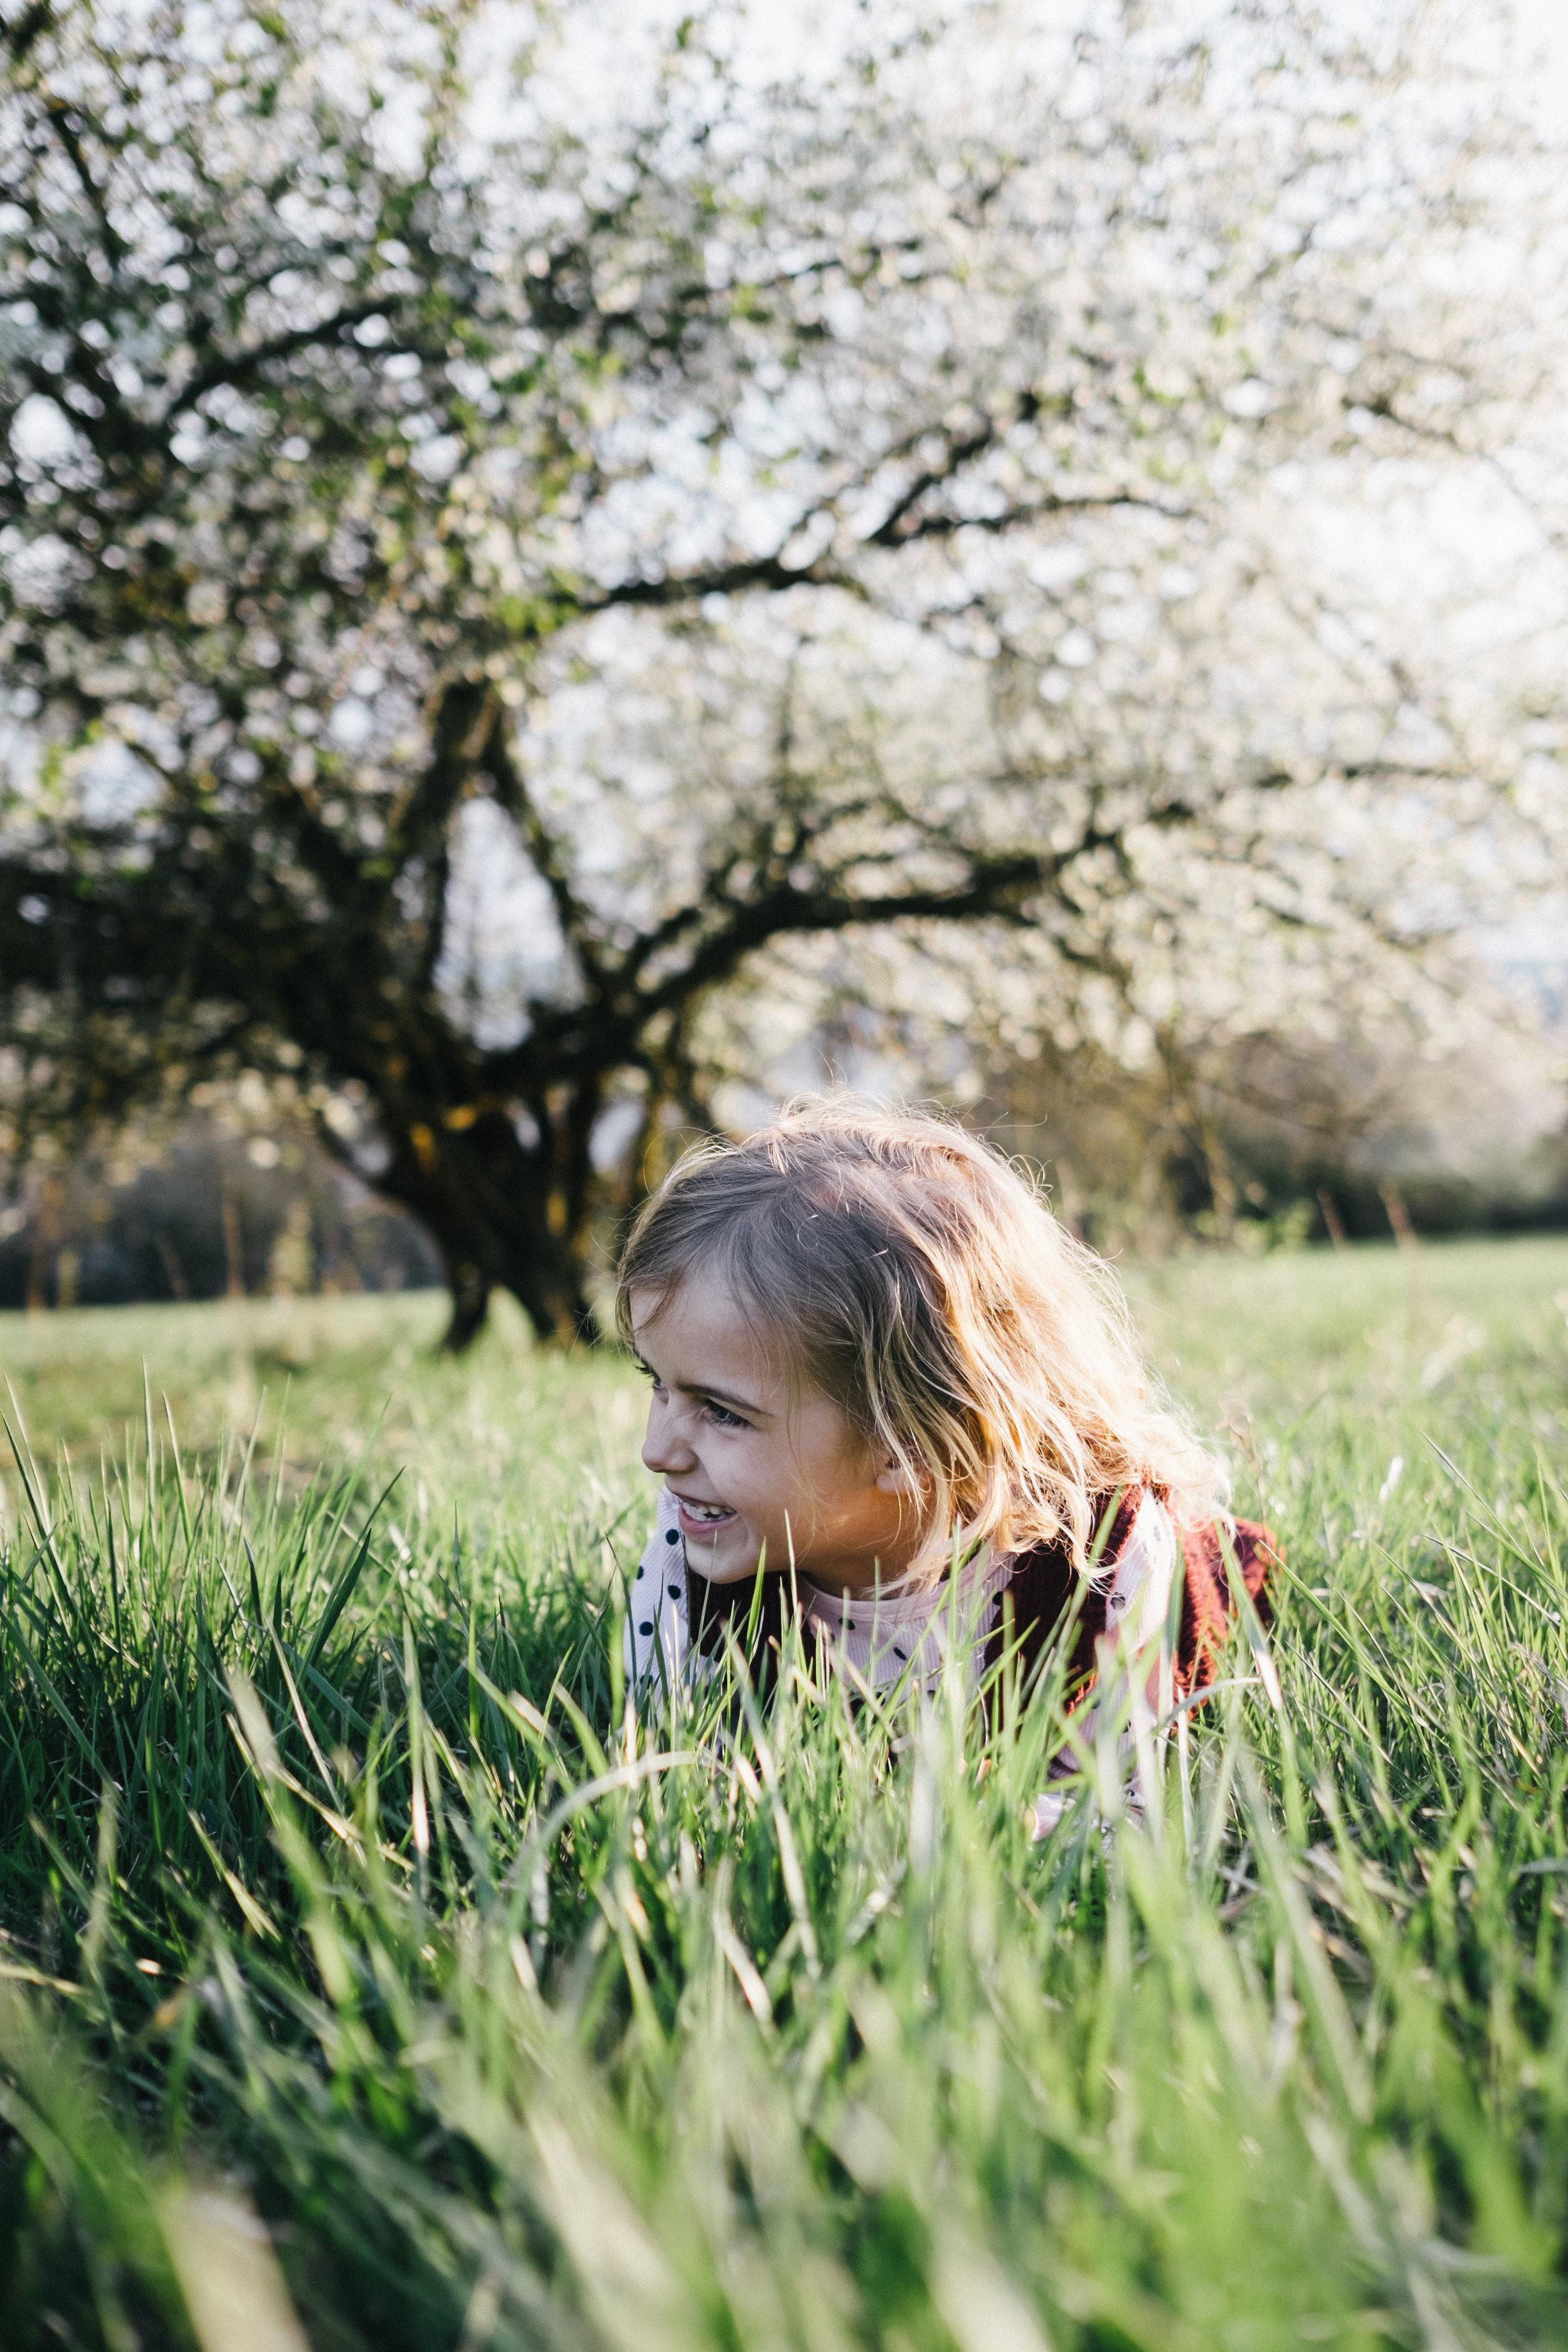 Streuobstwiese - Viola Mueller-Gerbes Photography-11.jpg